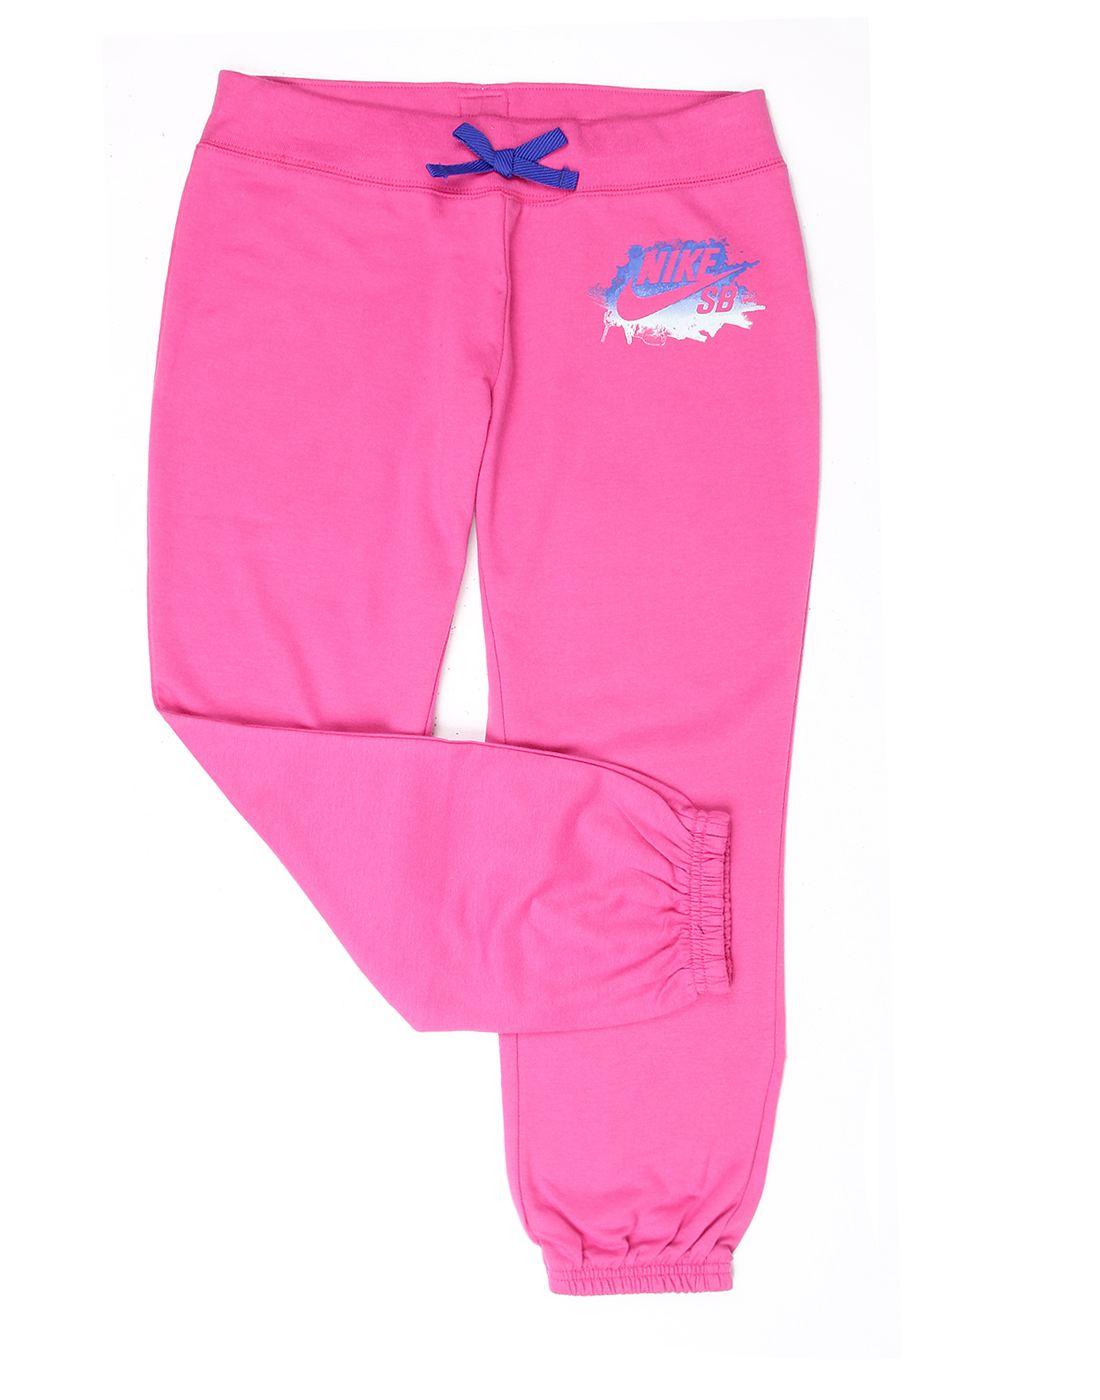 Nike Pink Cotton Girls Capri